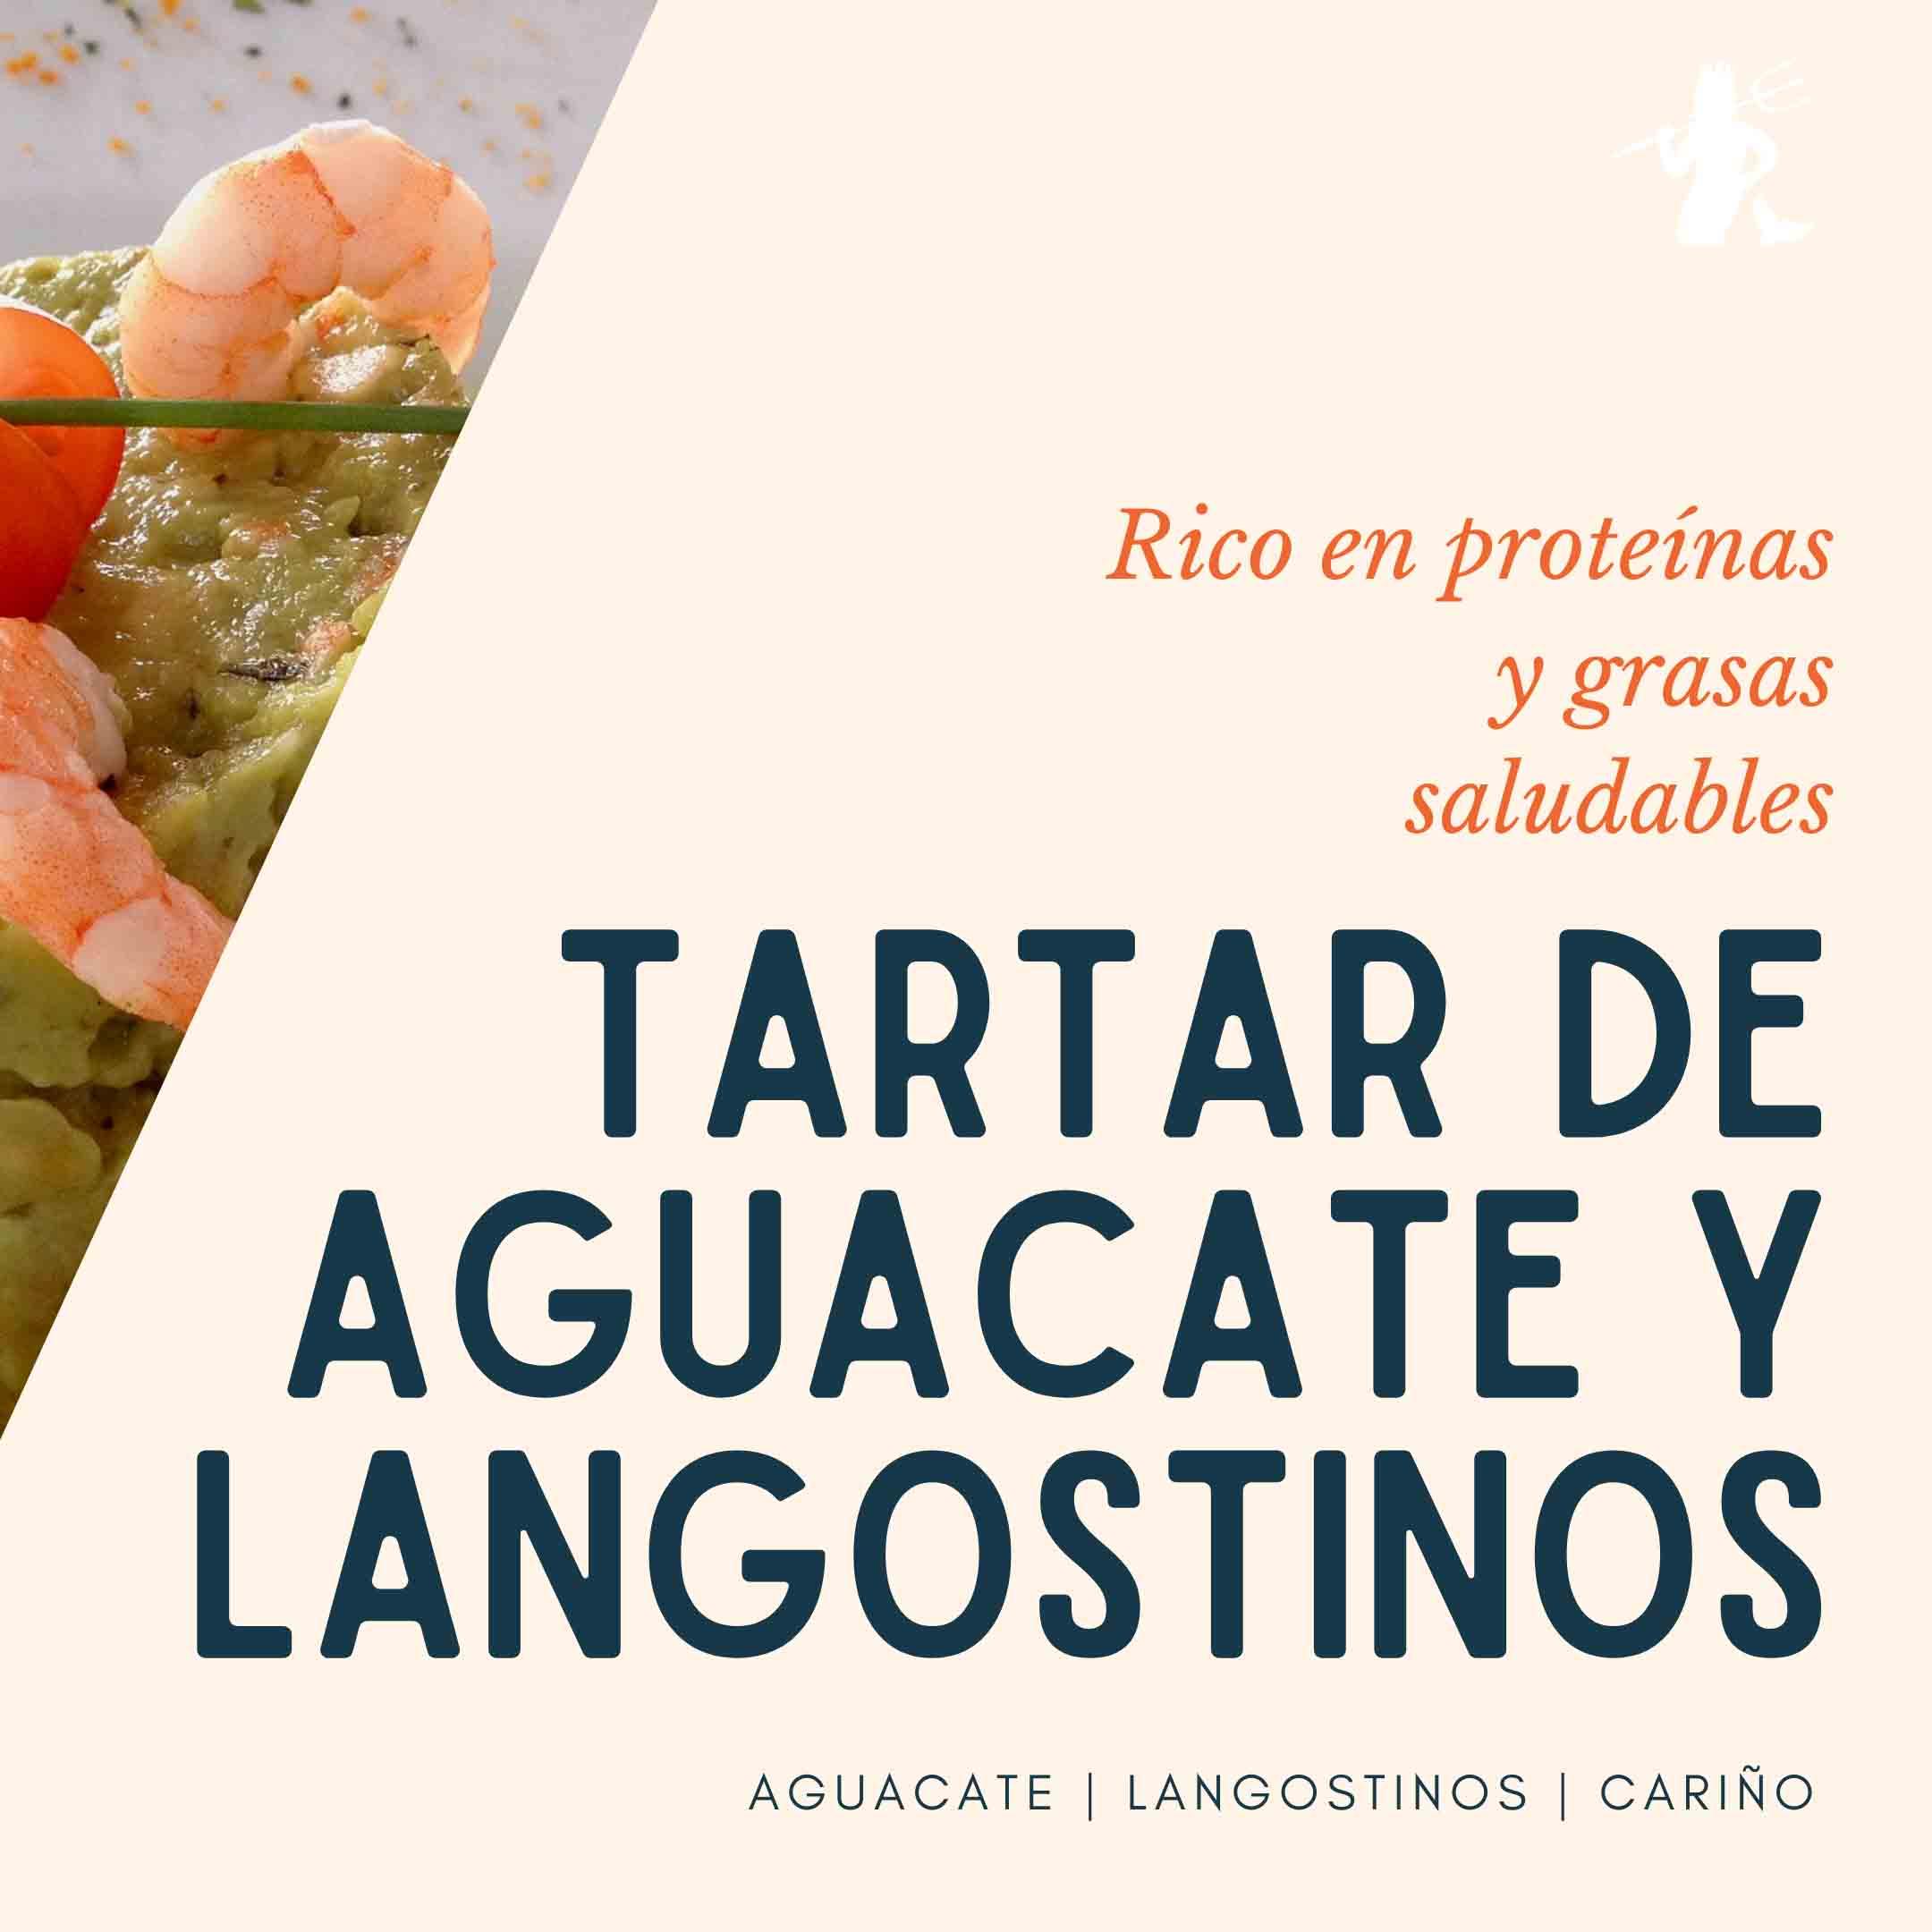 Tartar de aguacate y langostinos proteínas grasas saludables